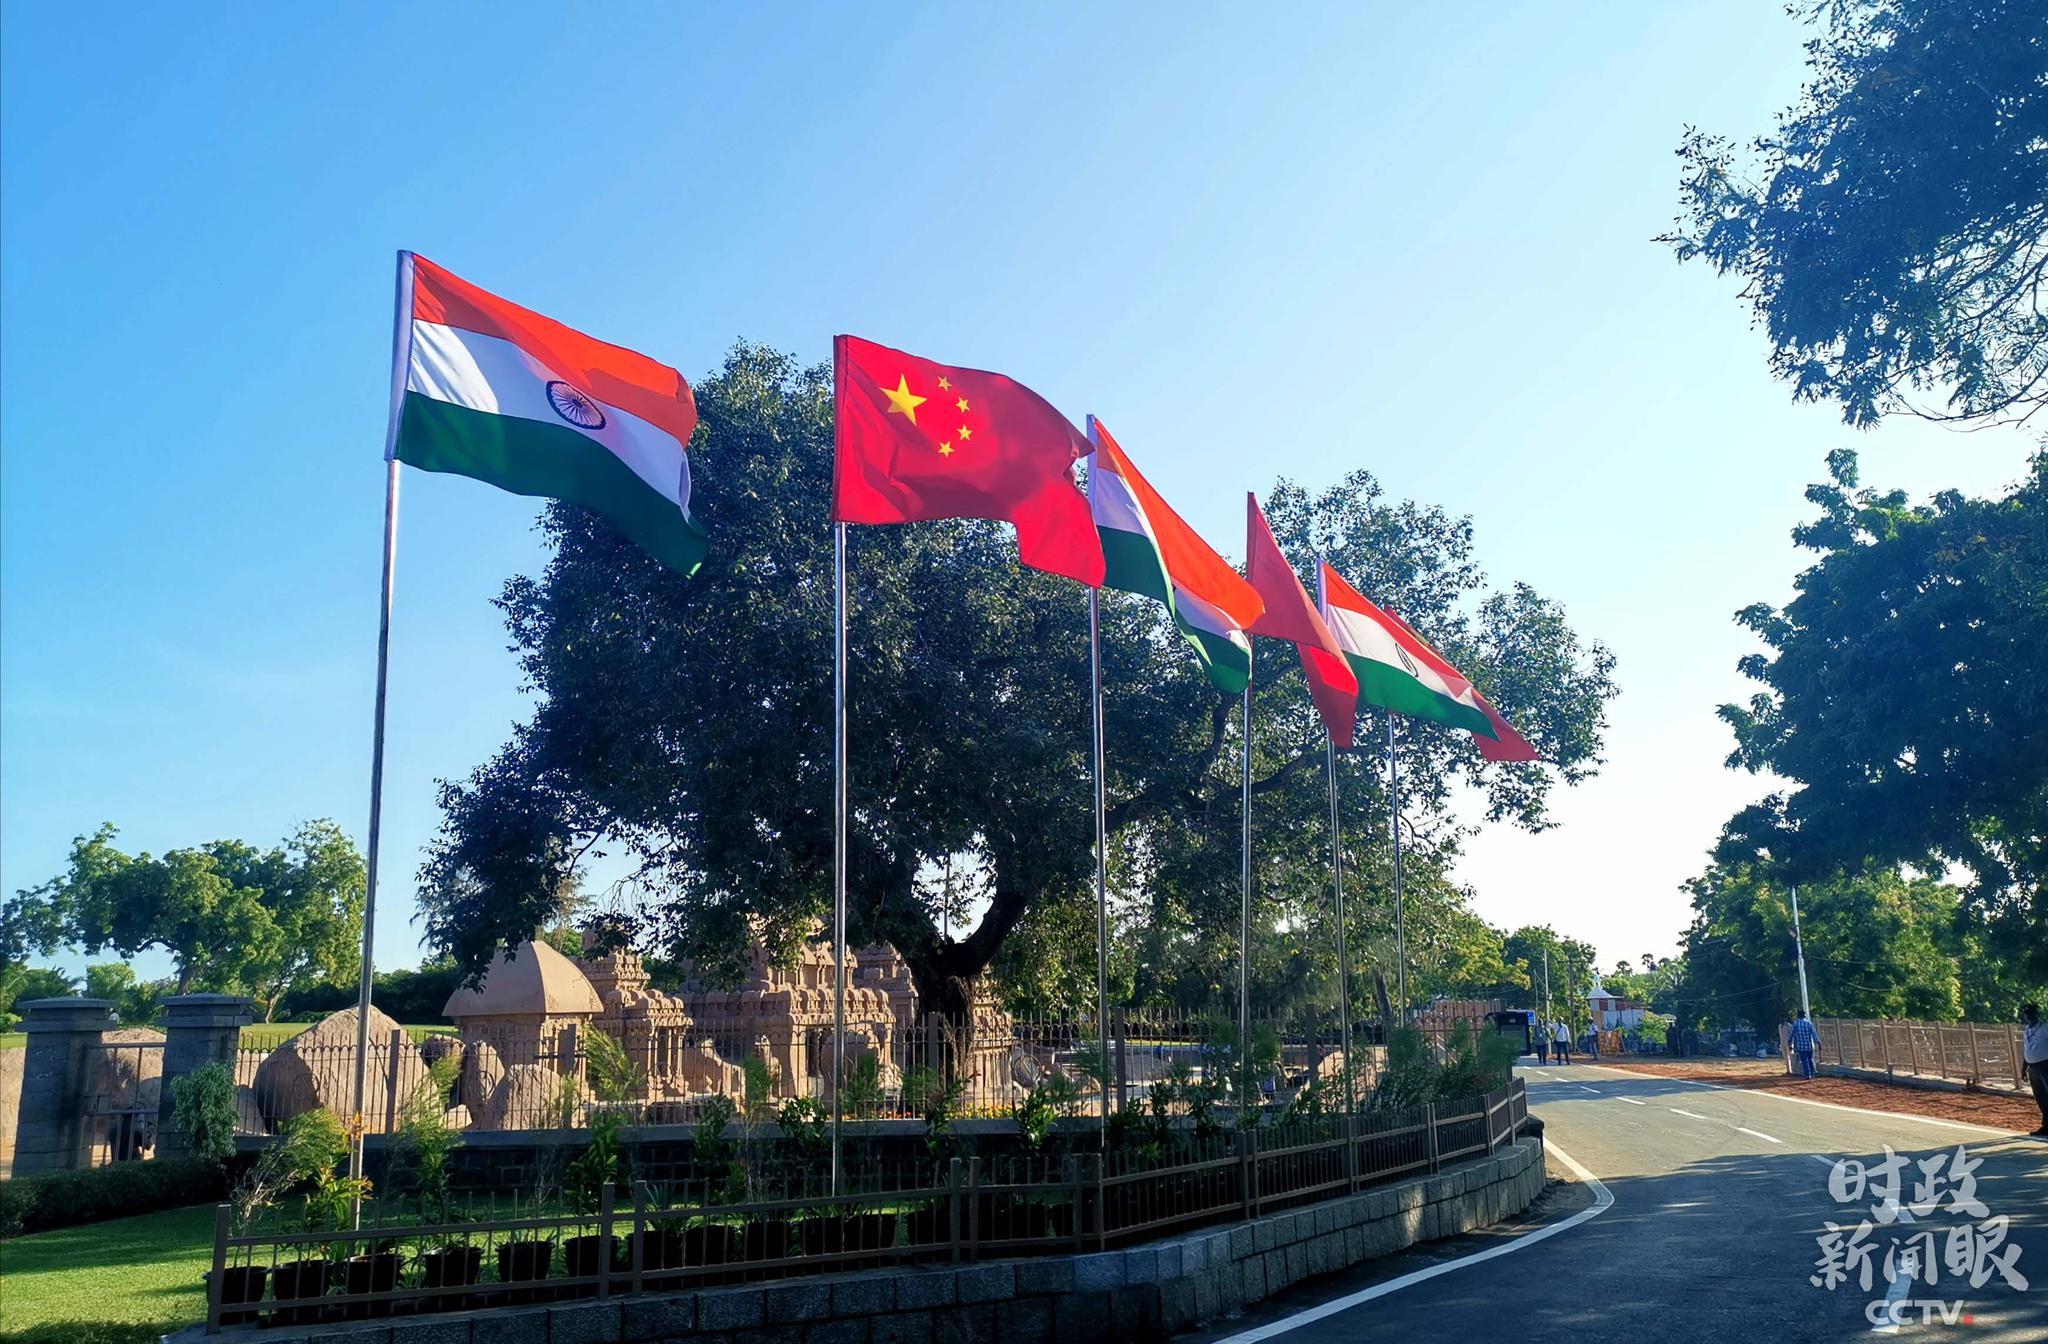 △古寺庙遗址前挂上了中印两国国旗。(央视记者张宇拍摄)